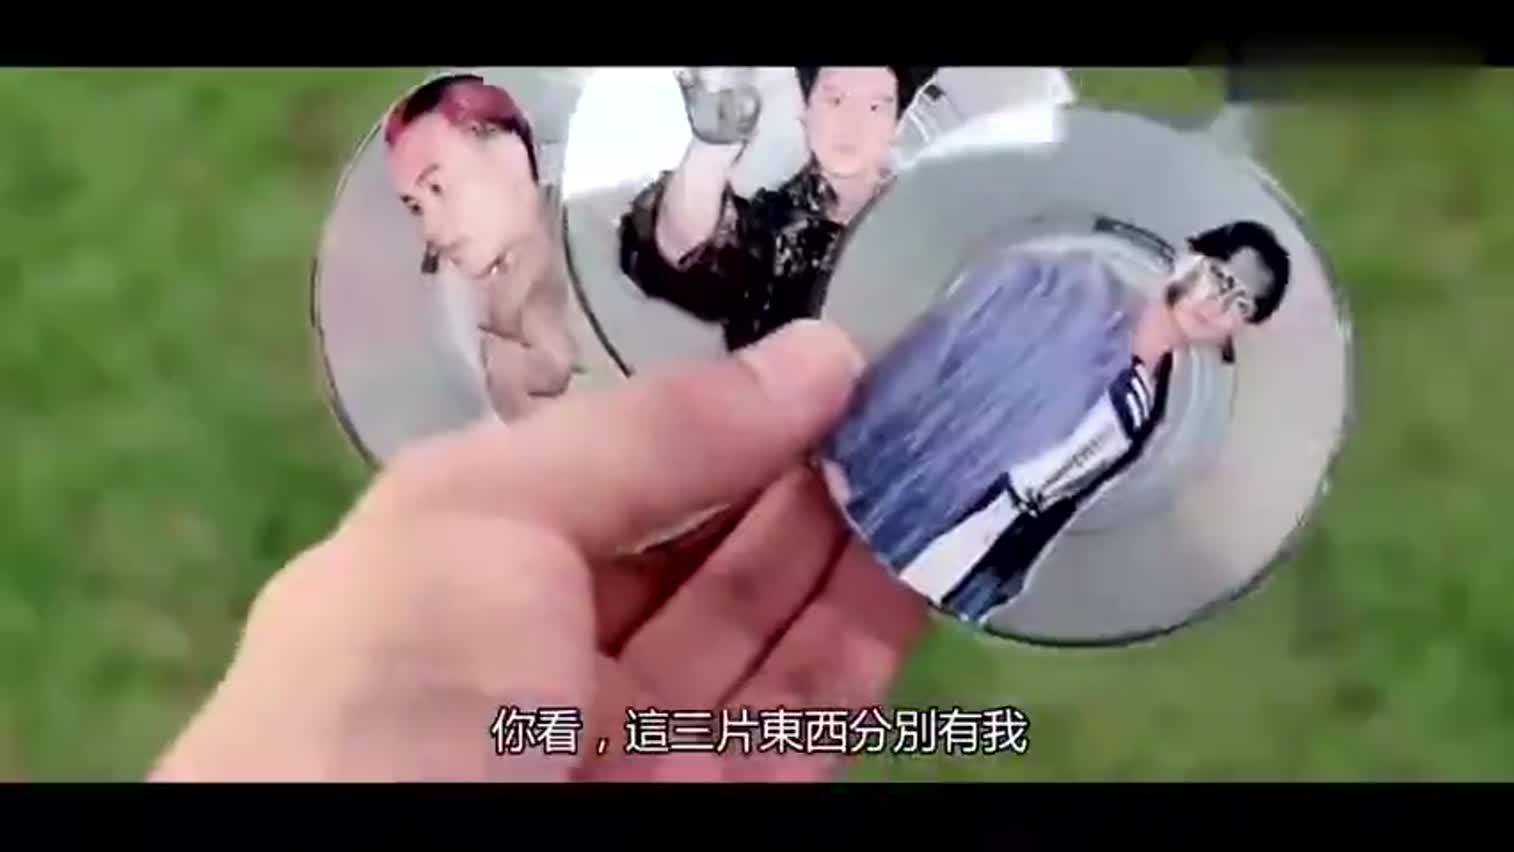 《超级学校霸王》1993年 电影由王晶执导,张卫健 刘德华 张学友